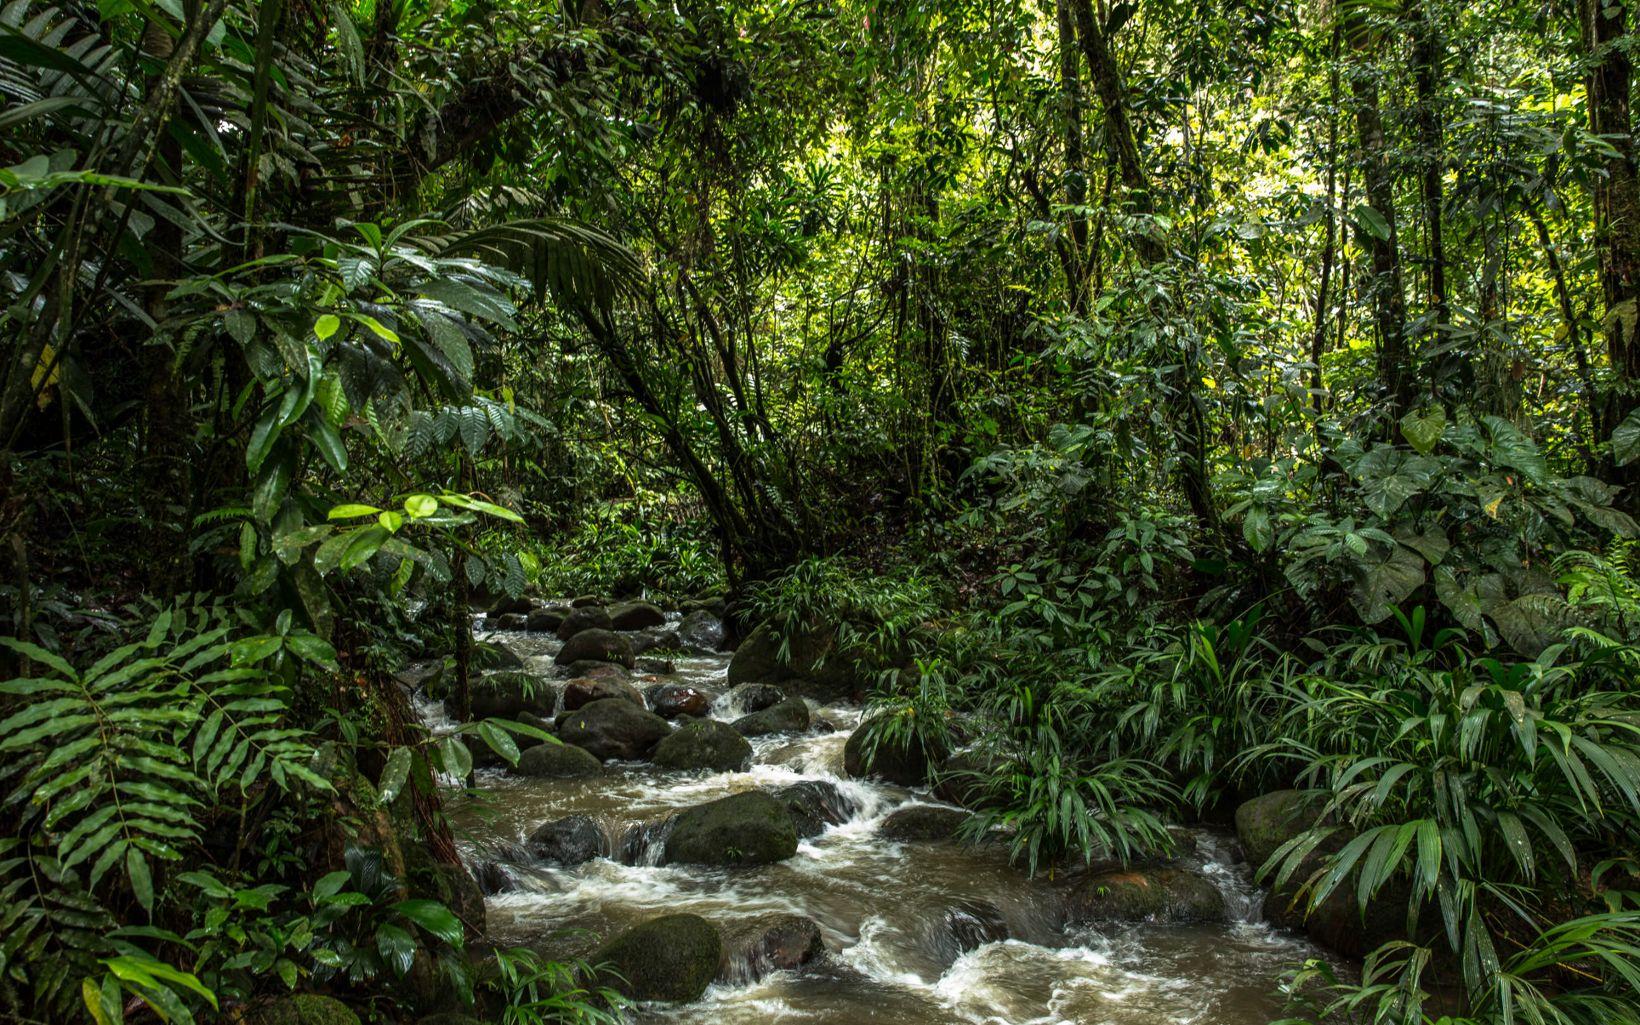 Blanca Raquel tiene muy claro que proteger la naturaleza es el mejor negocio posible, y que es una buena alternativa a largo plazo para los productores de escasos recursos.